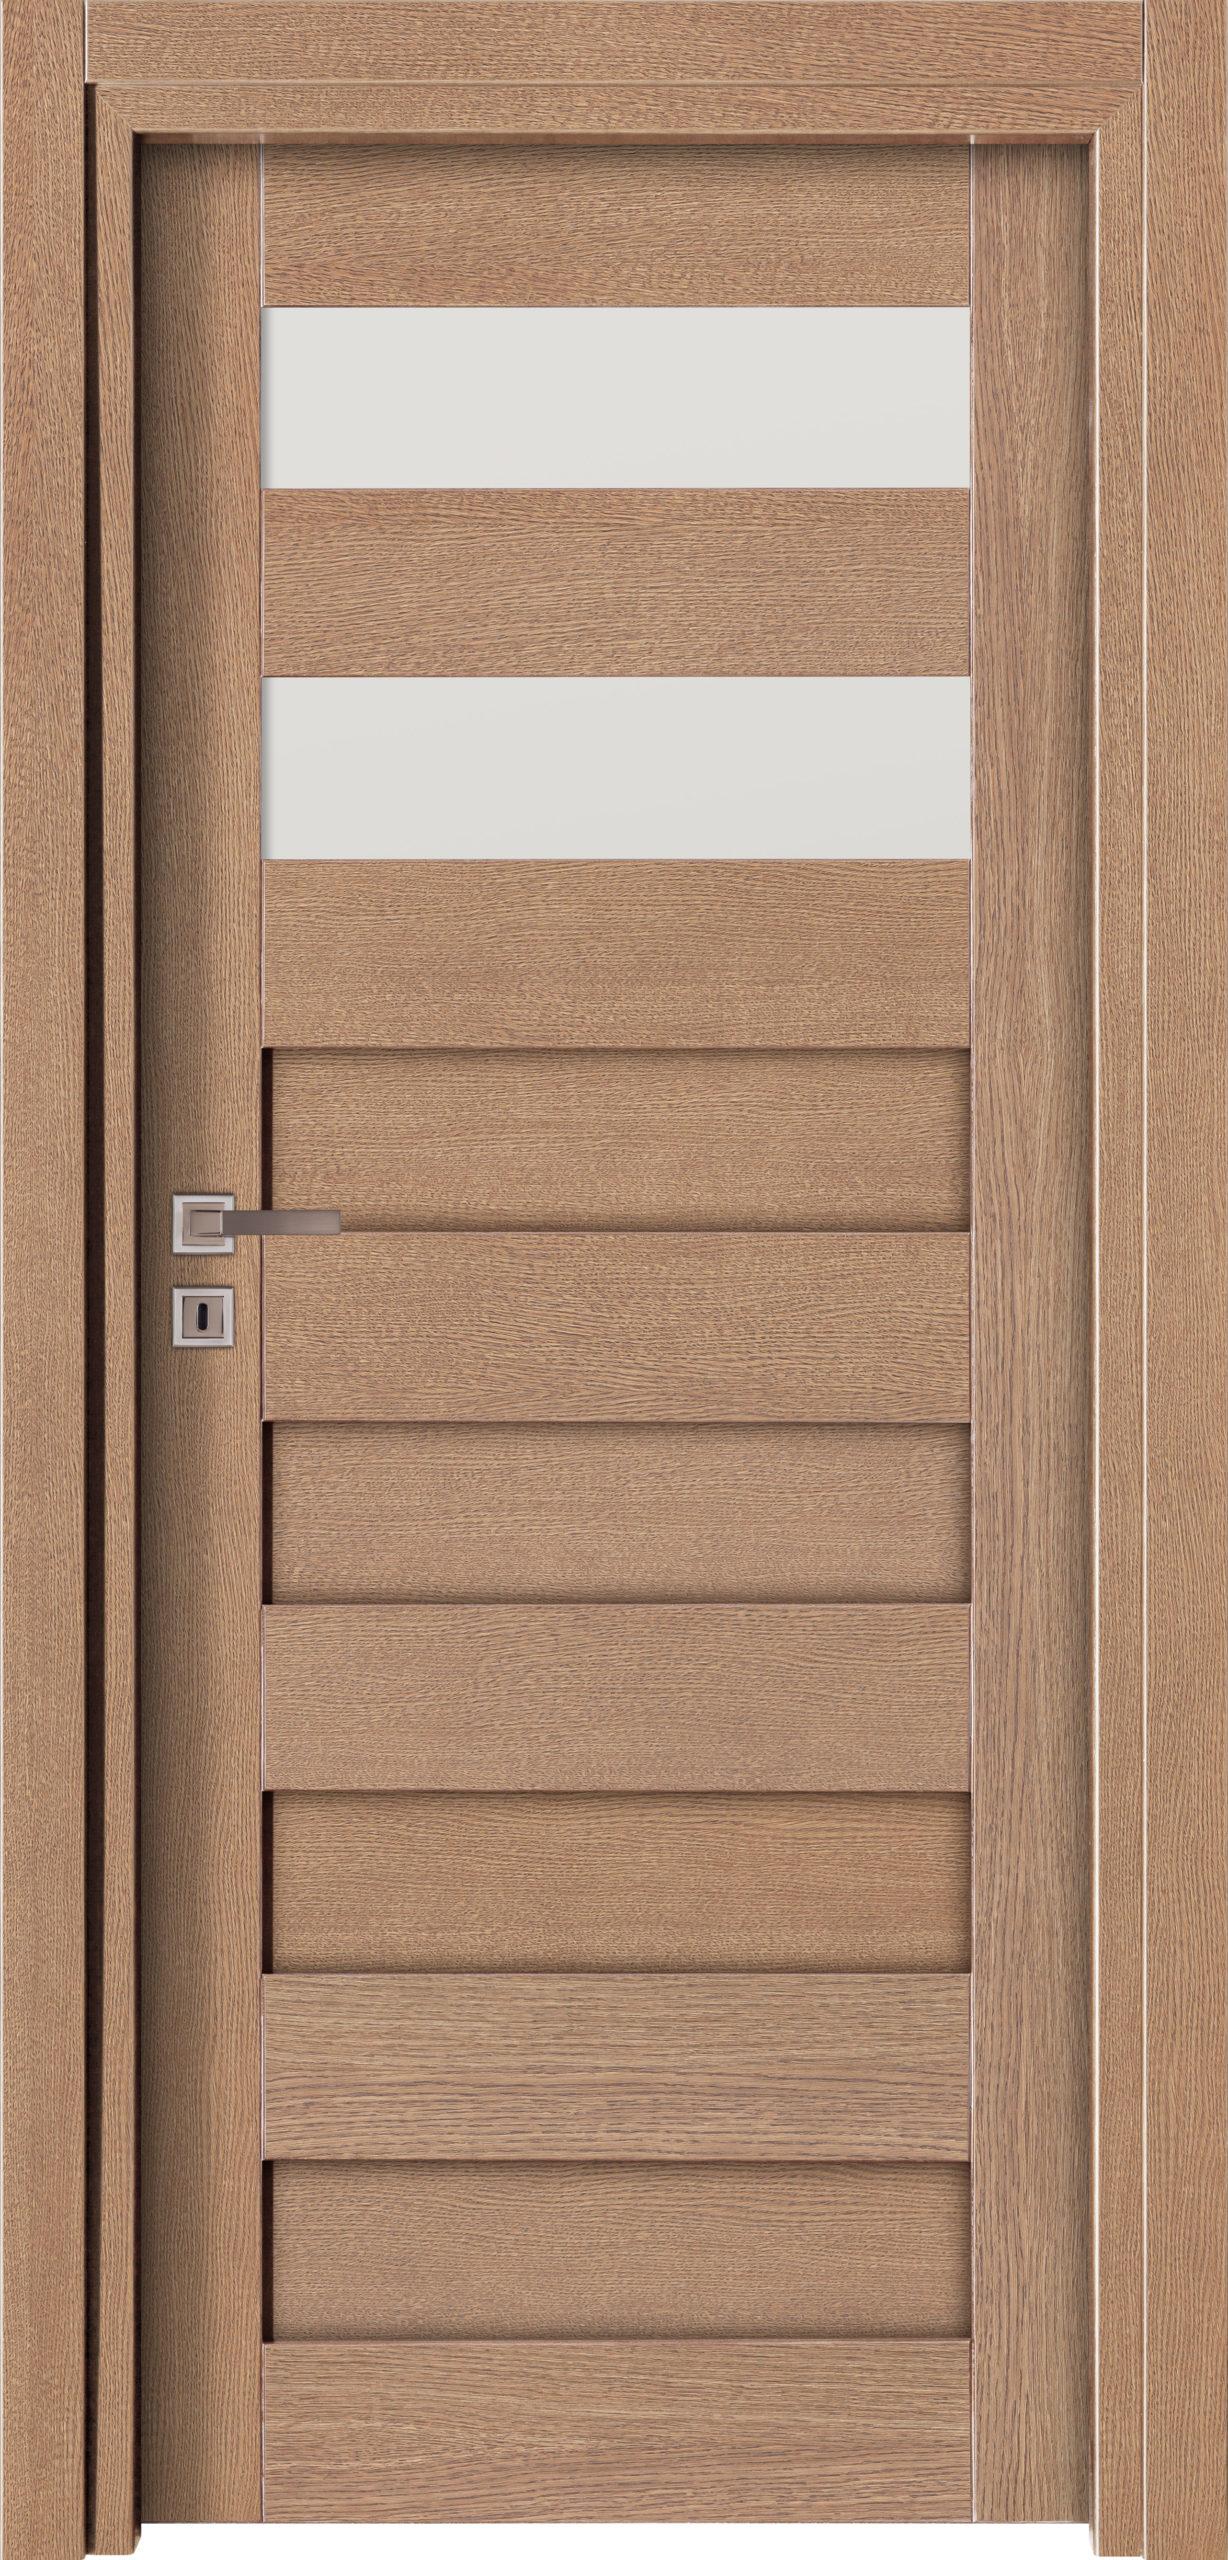 Vigo A3 - jesion - szary - szklenie lacomat bezpieczny - ościeżnica przylgowa regulowana drewniana prosta (IIa)